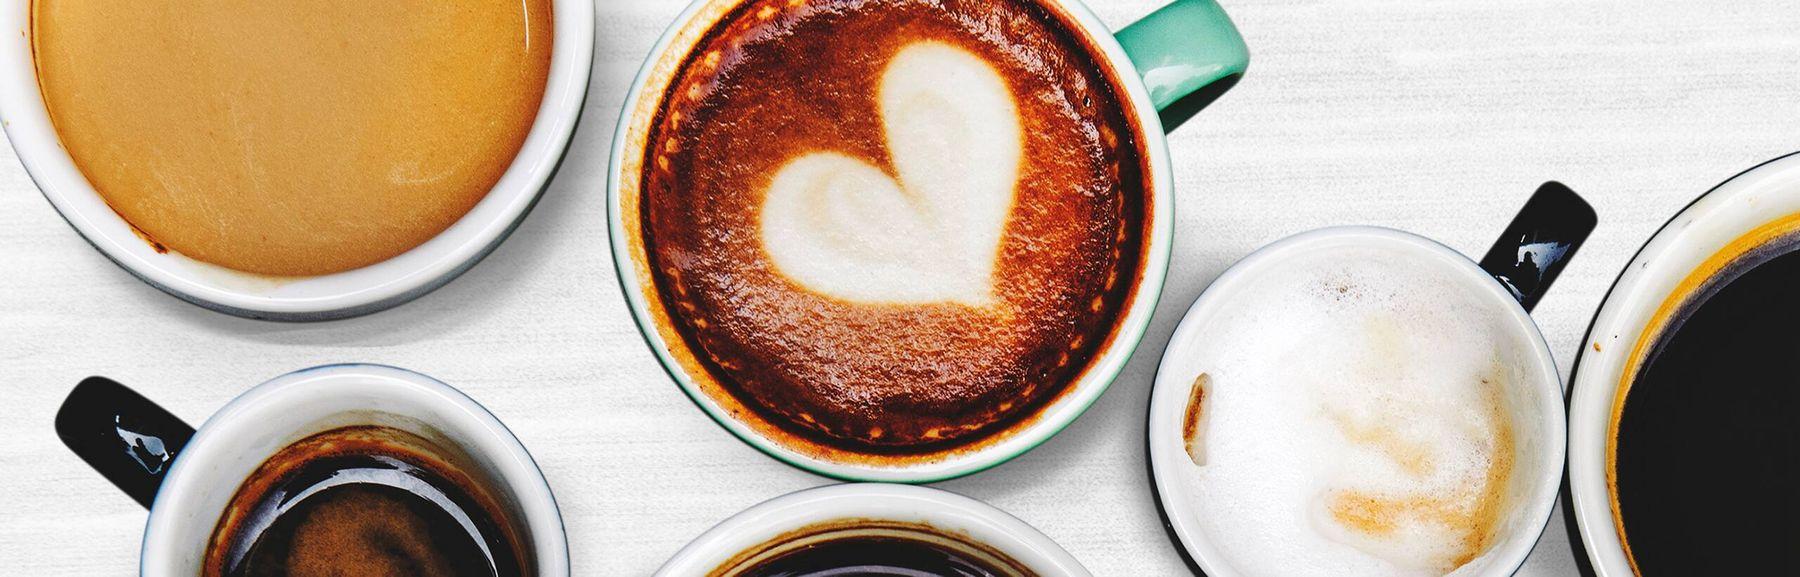 cà phê đơn giản tại nhà